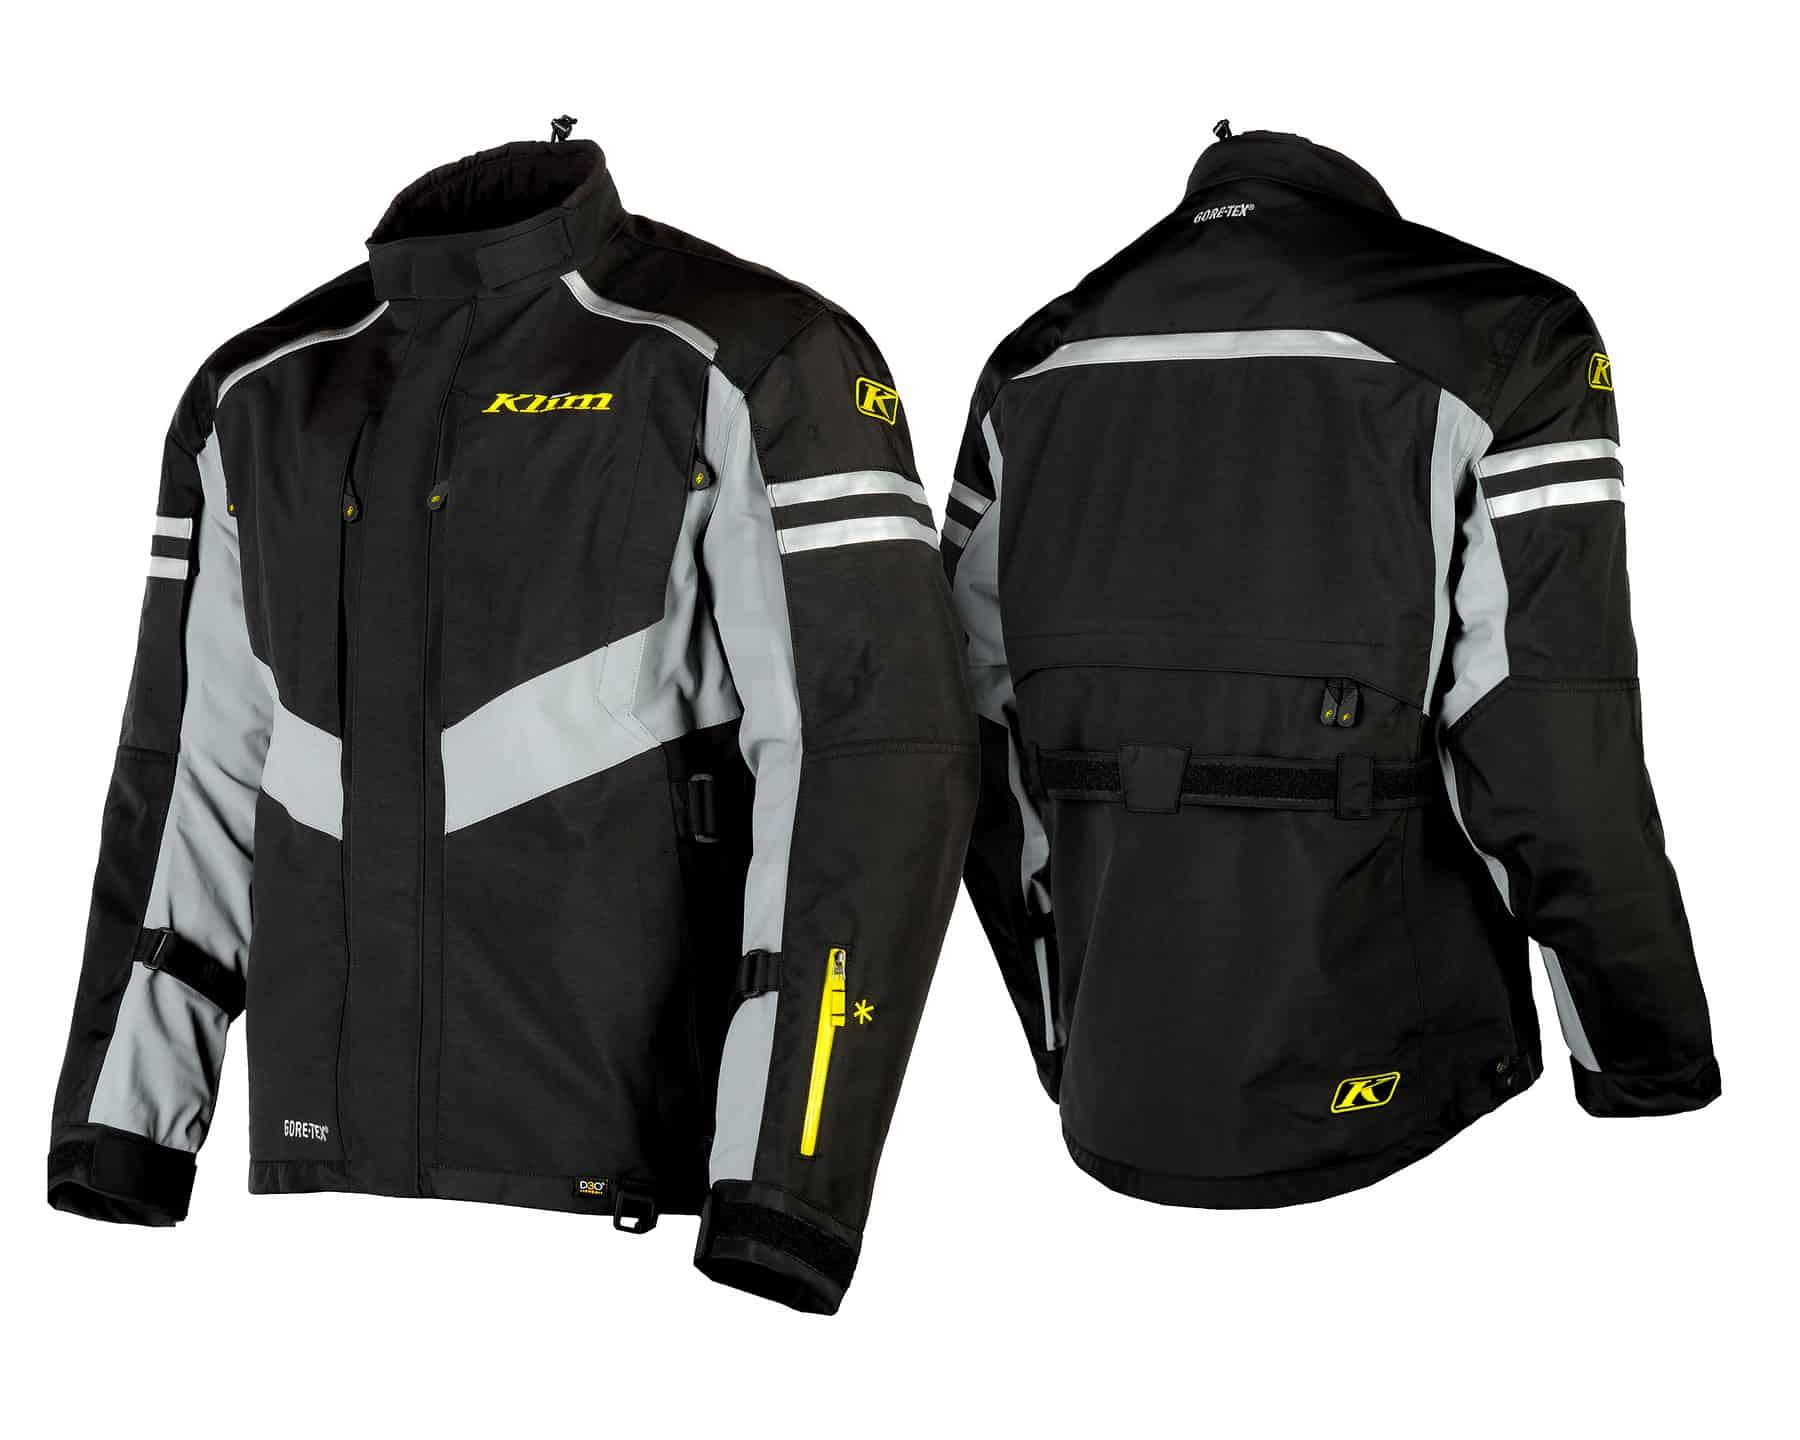 S Latitude Jacket 5146-002-200_01